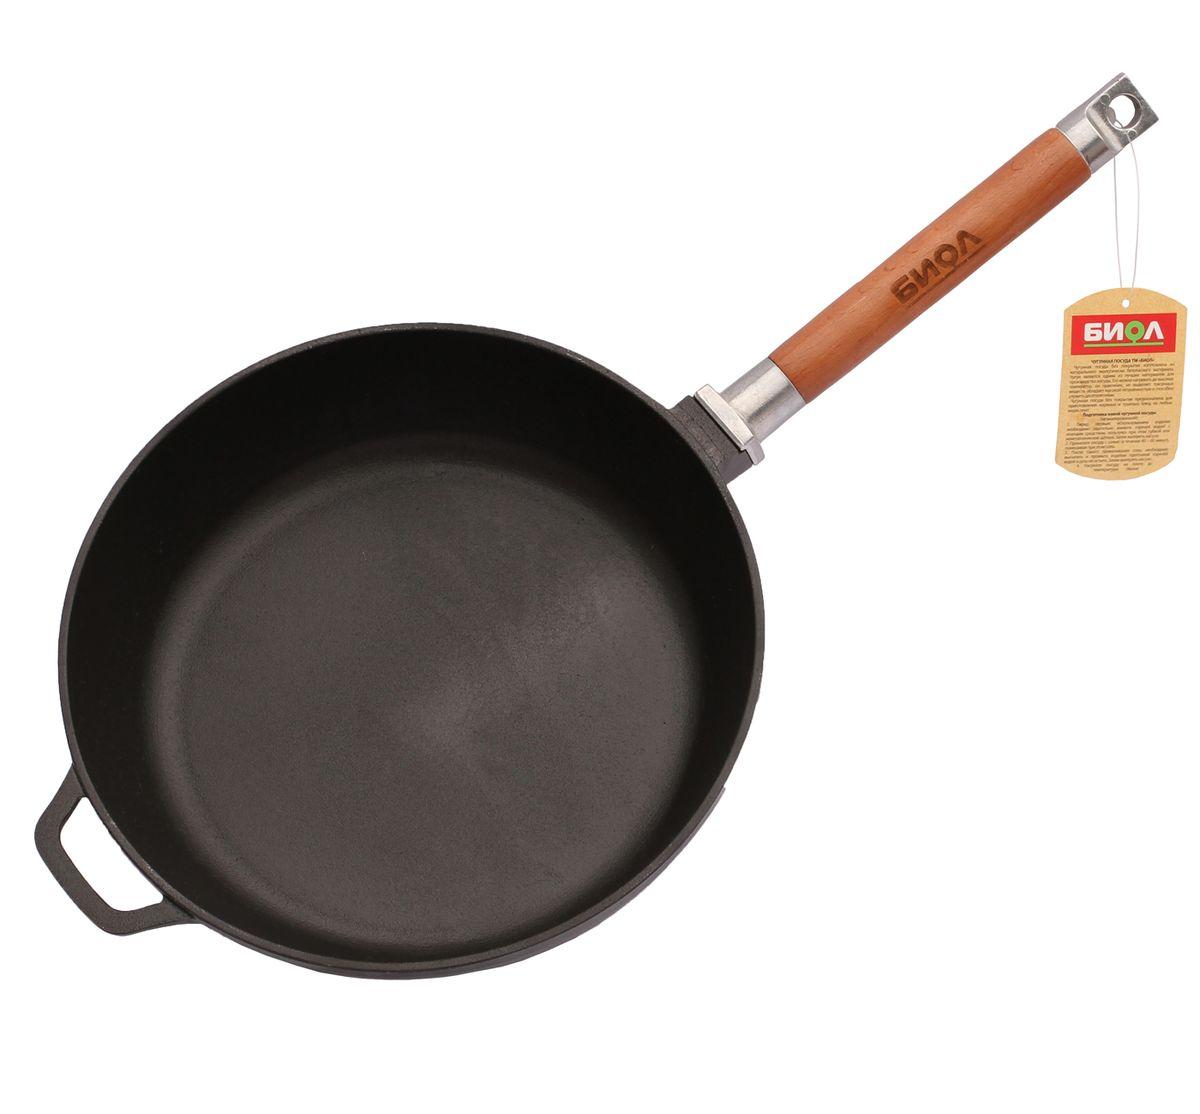 Сковорода чугунная Биол, со съемной ручкой. Диаметр 28 см0328Сковорода Биол изготовлена из натурального экологически безопасного чугуна. Чугун является одним из лучших материалов для производства посуды. Сковороду можно нагревать до высоких температур, она практична, не выделяет токсичных веществ, обладает высокой теплоемкостью и способна служить десятилетиями.Сковорода оснащена съемной деревянной ручкой. При помощи вращательного движения ручка снимается и прикручивается.Подходит для всех типов плит, включая индукционные. Нельзя мыть в посудомоечной машине. Диаметр сковороды по верхнему краю: 28 см.Высота стенки: 6,5 см. Длина ручки: 21 см.